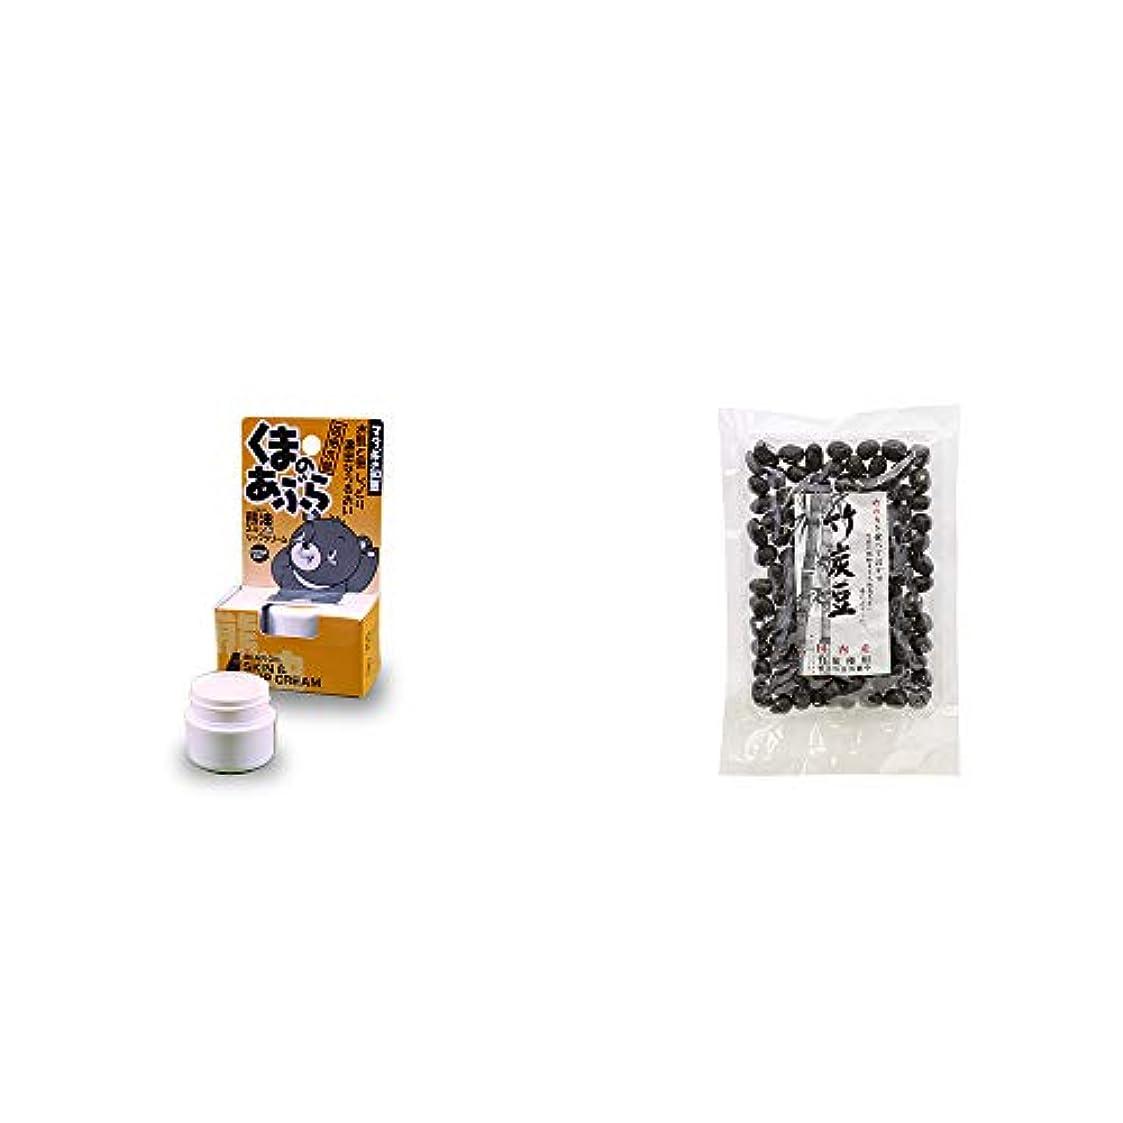 ジョイント絶縁するまだら[2点セット] 信州木曽 くまのあぶら 熊油スキン&リップクリーム(9g)?国内産 竹炭使用 竹炭豆(160g)